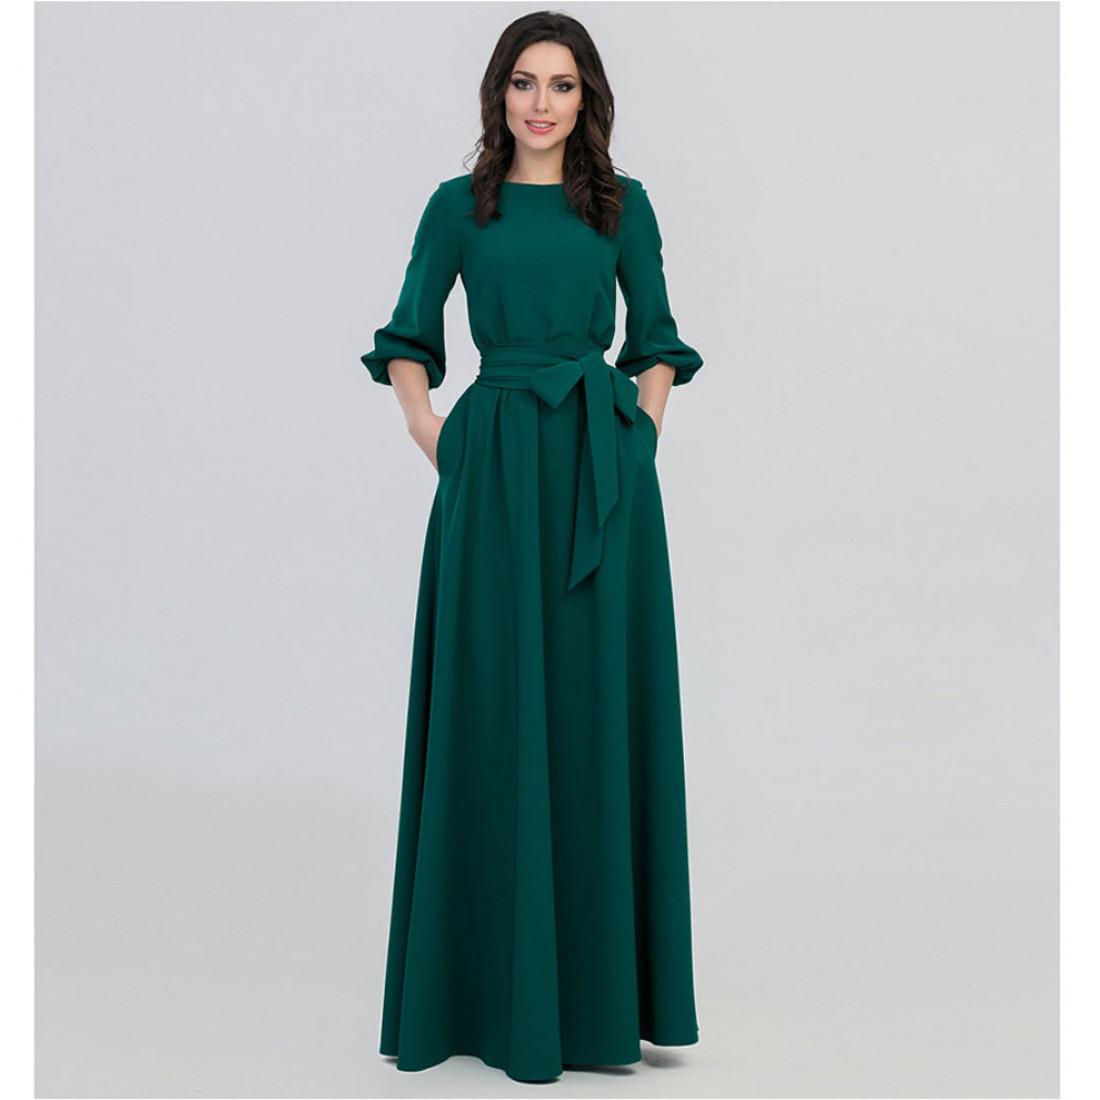 Платье Зеленое Закрытое